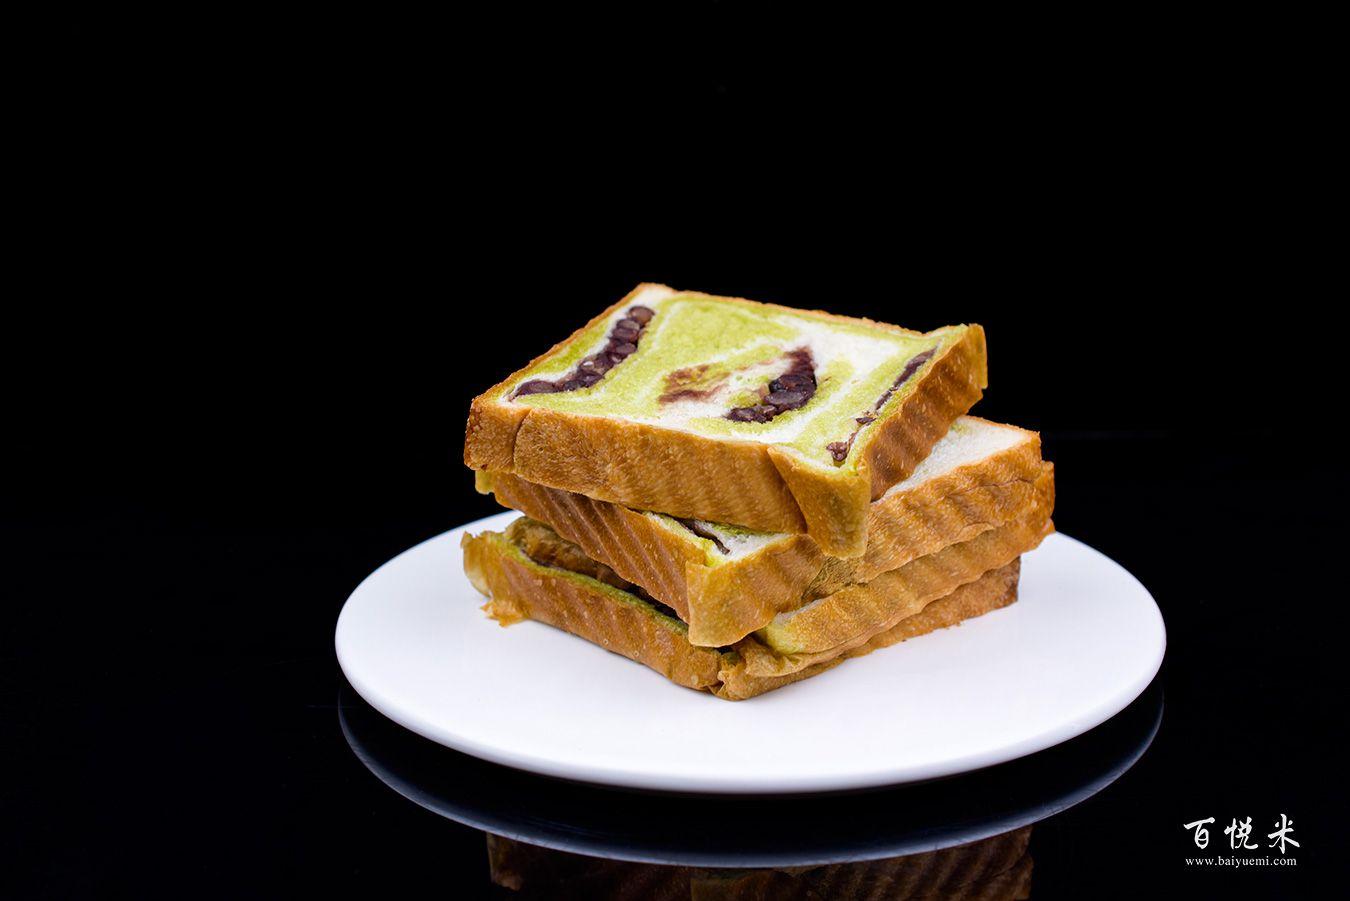 抹茶红豆吐司面包高清图片大全【蛋糕图片】_503